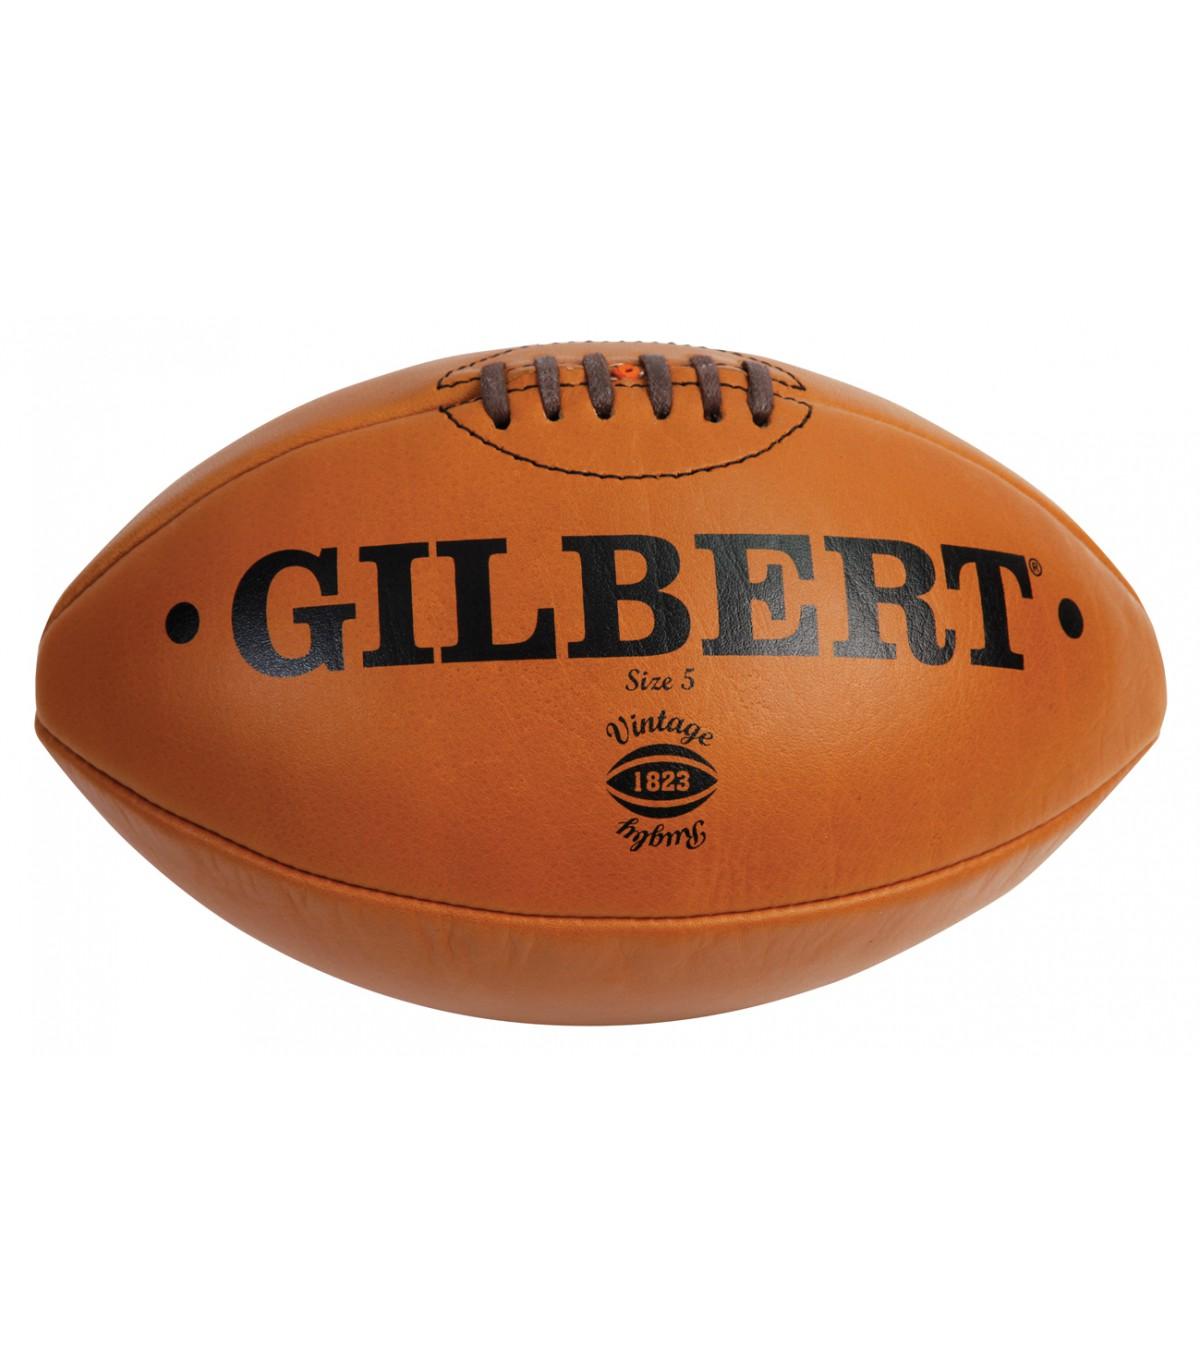 ballon vintage cuir naturel t5 gilbert chez rugby. Black Bedroom Furniture Sets. Home Design Ideas